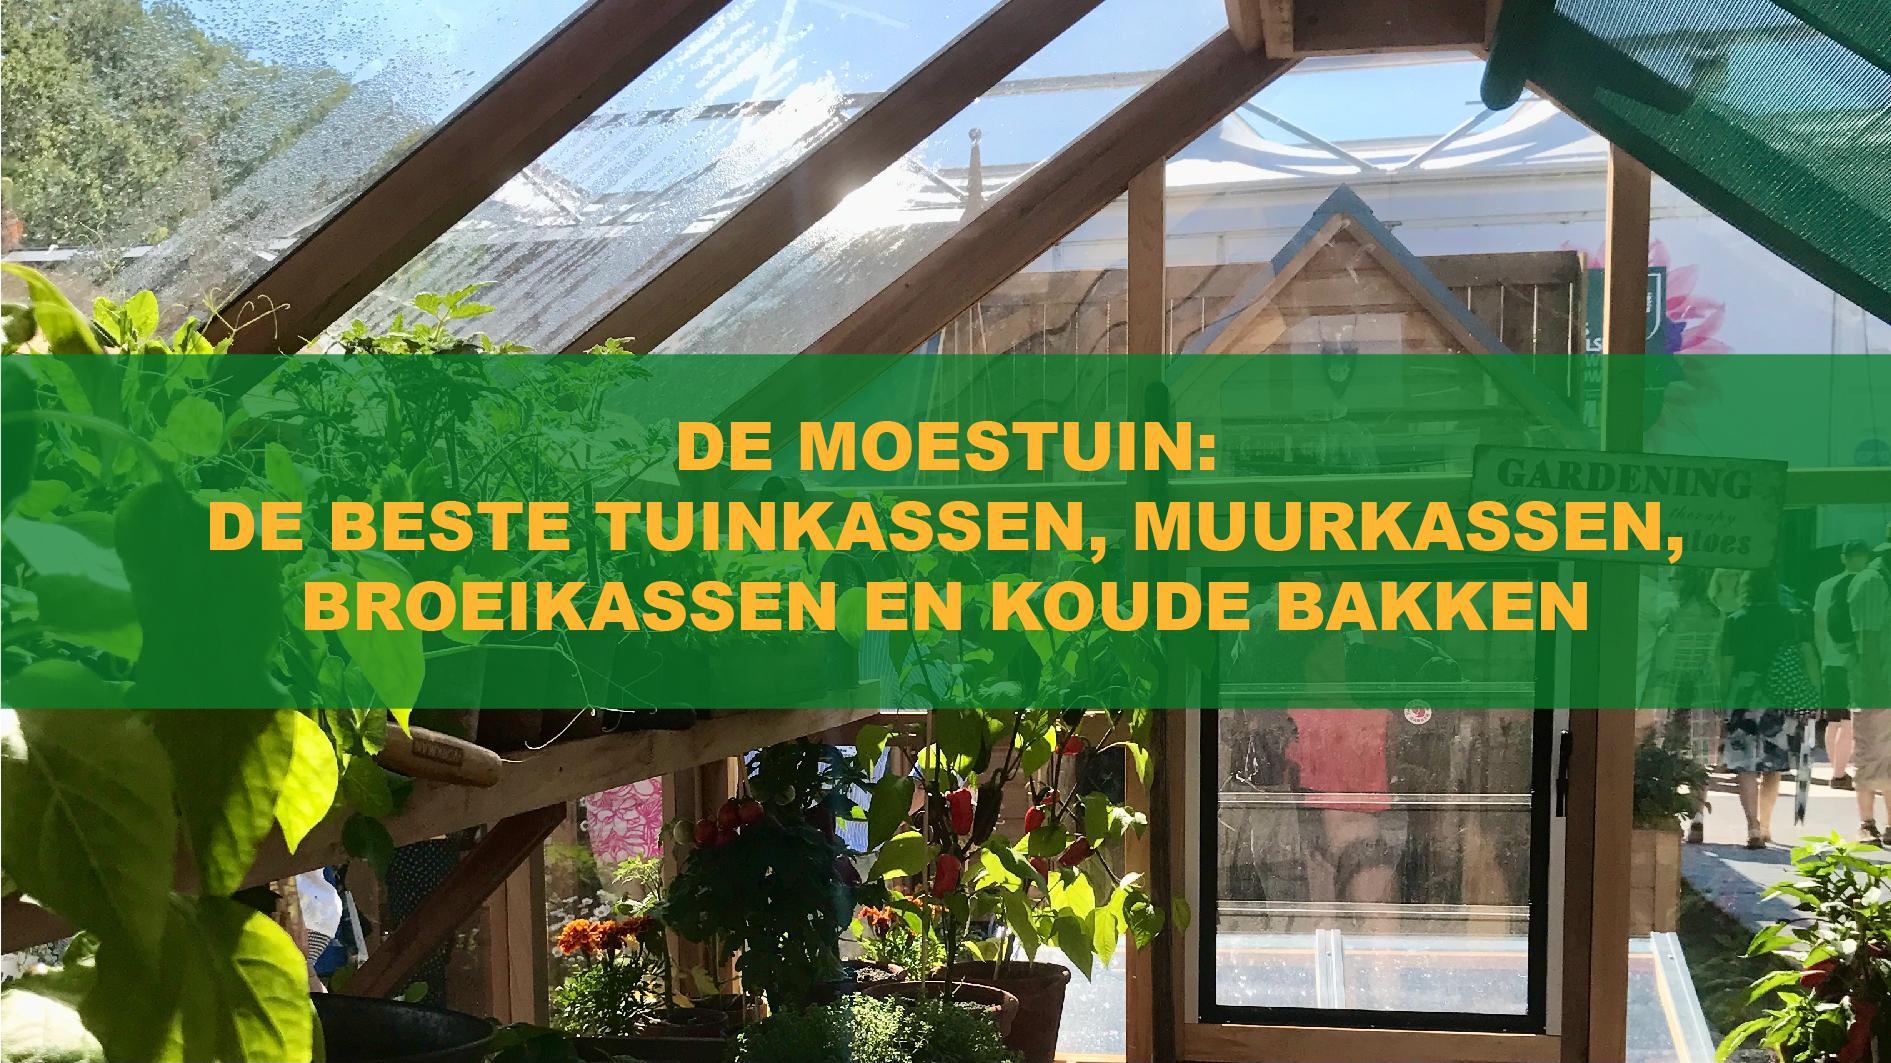 De Moestuin: De Beste Tuinkassen, Muurkassen, Broeikassen En Koude Bakken